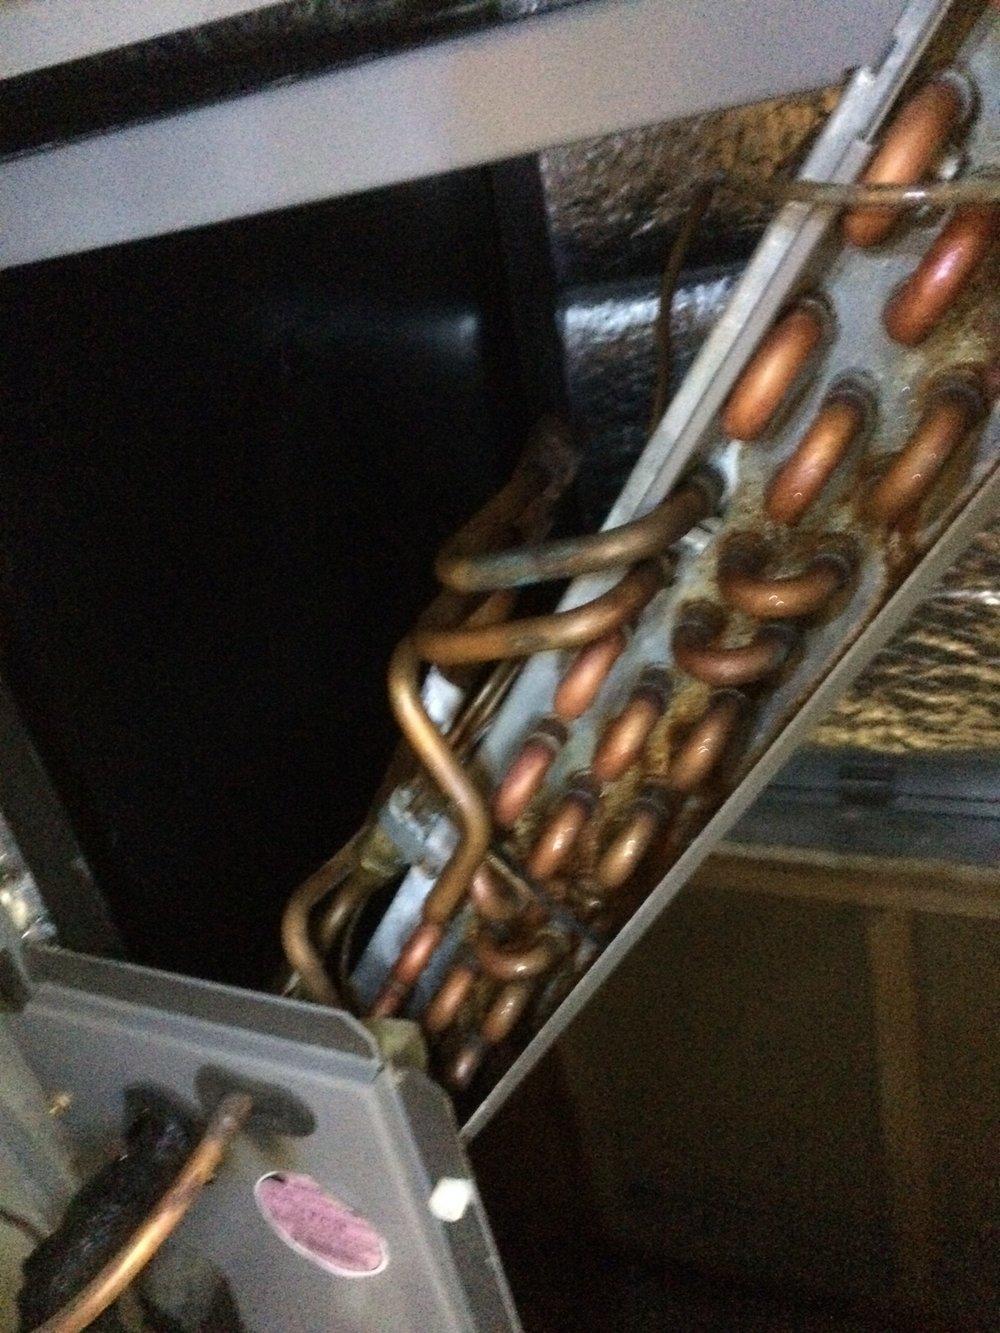 Clean coils help prevent problems.